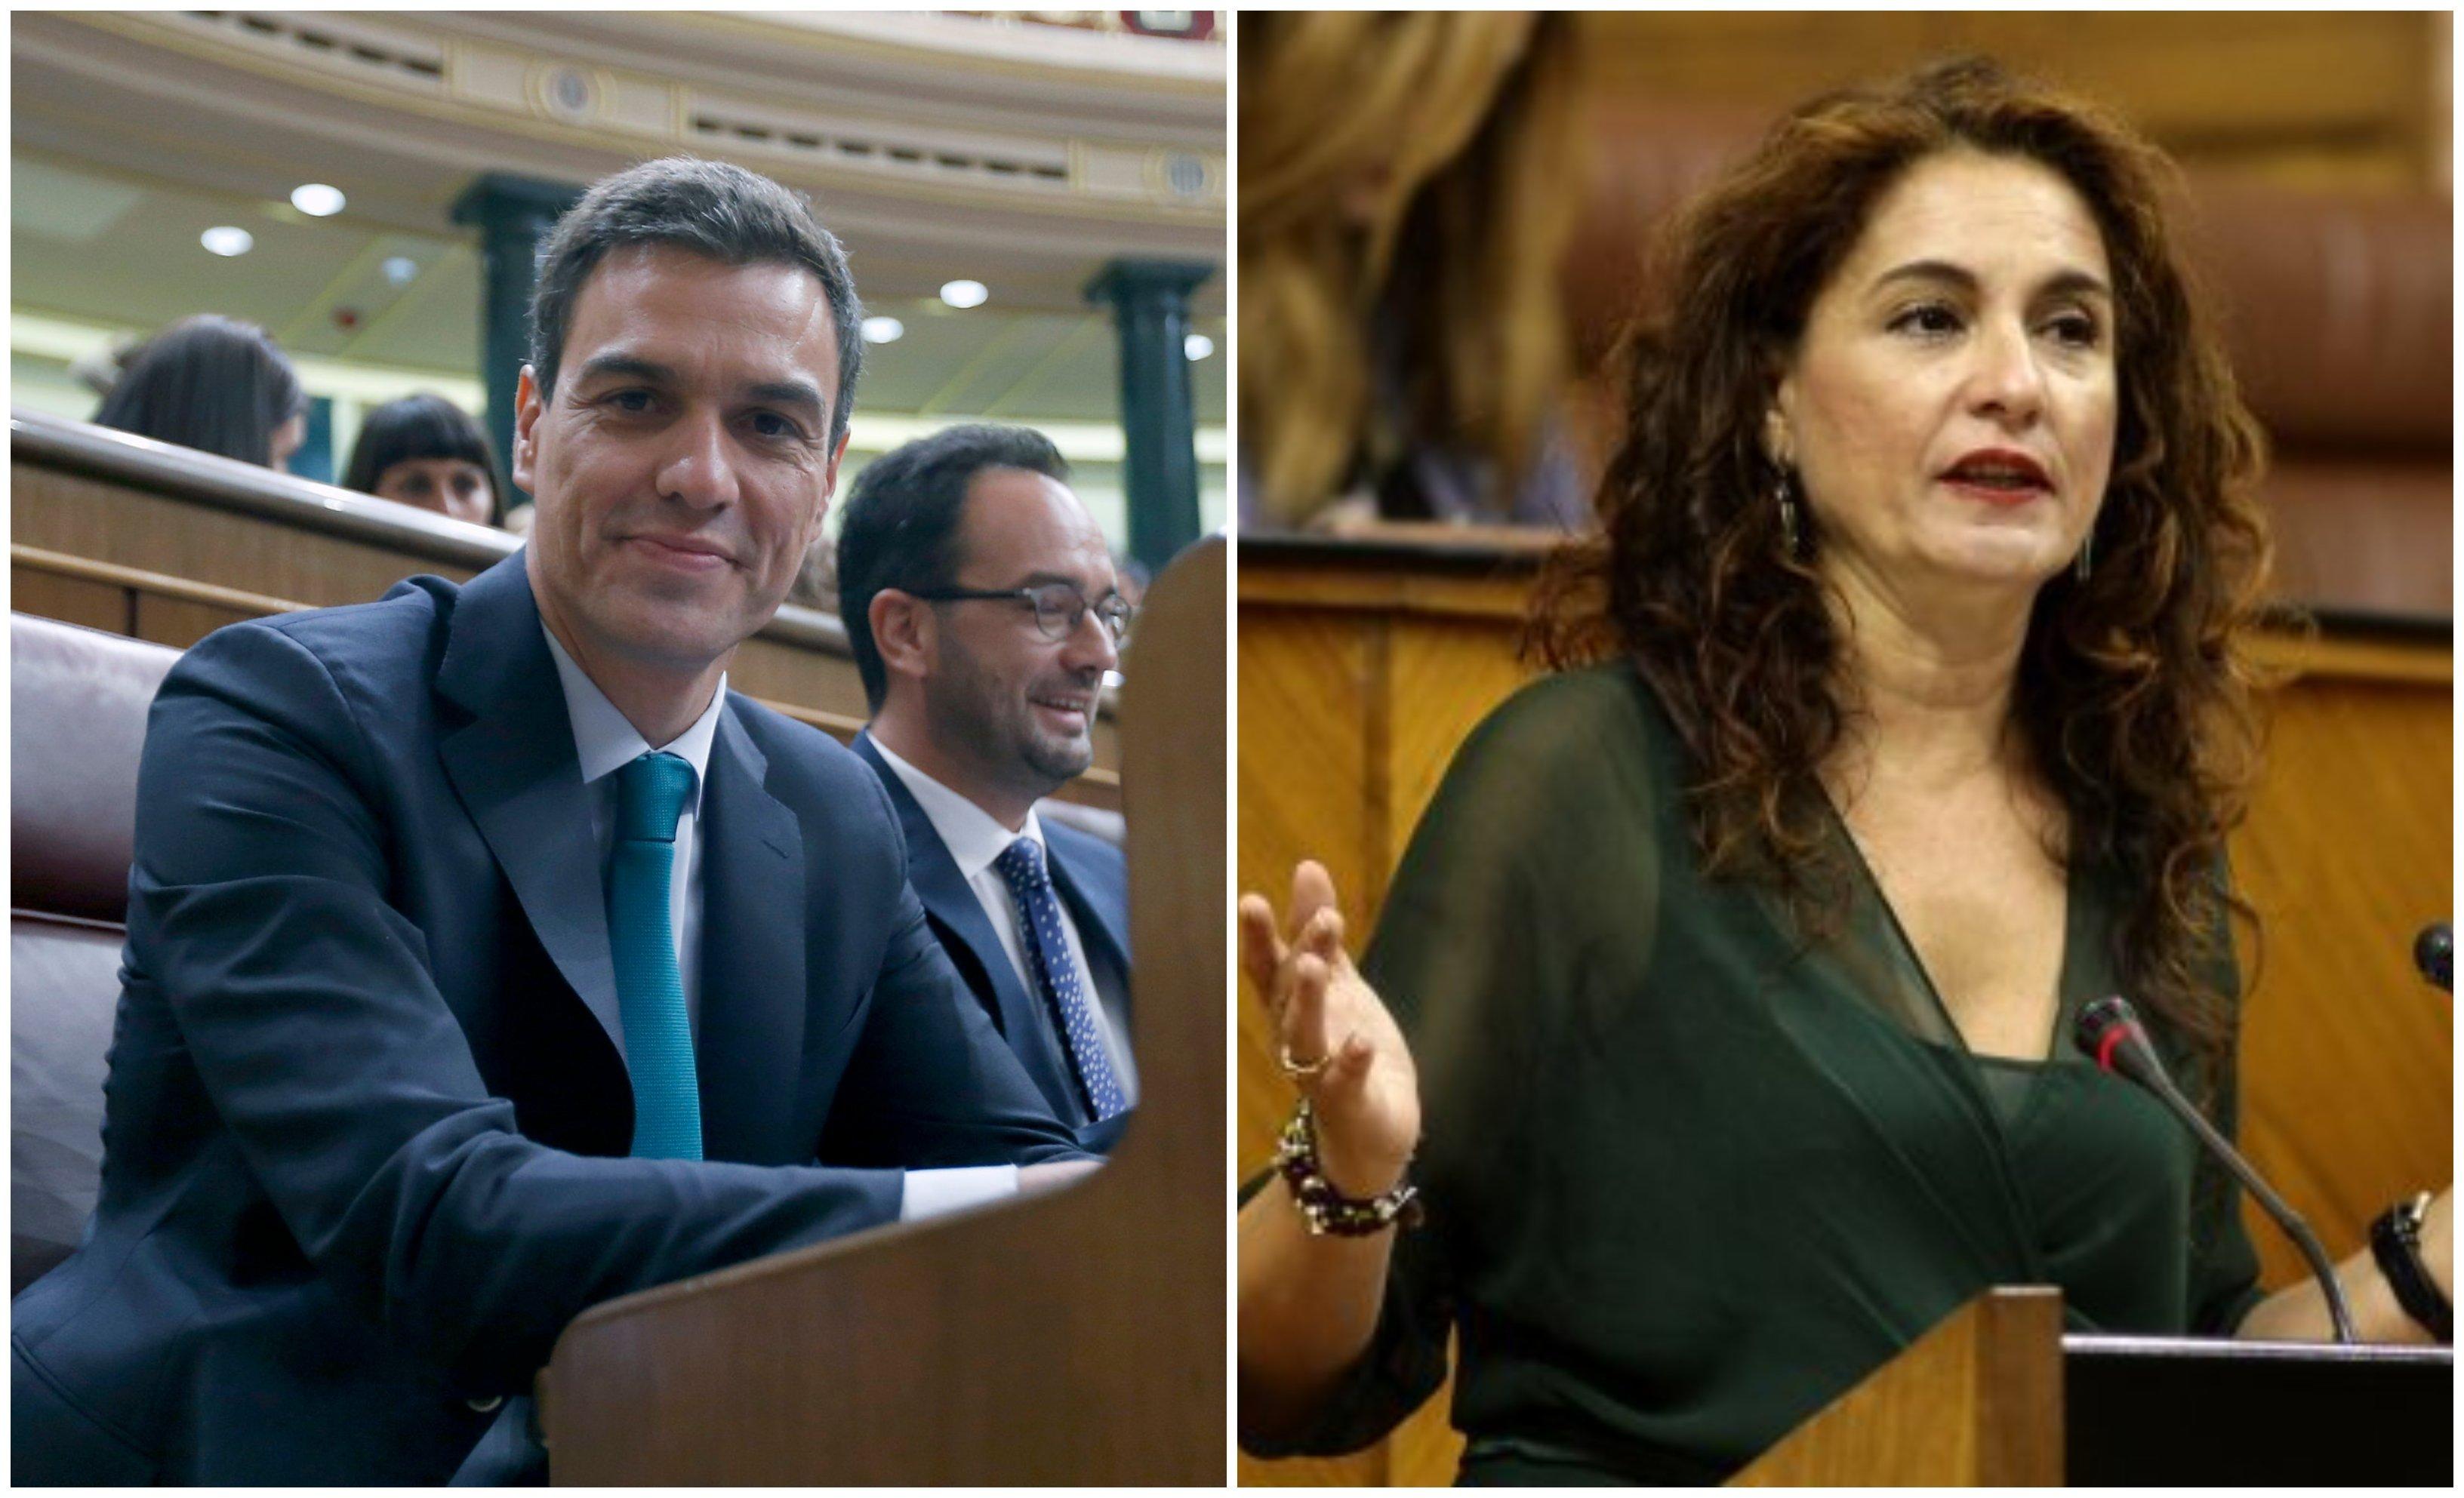 Sánchez y Montero: vamos a contar mentiras tra la lá...